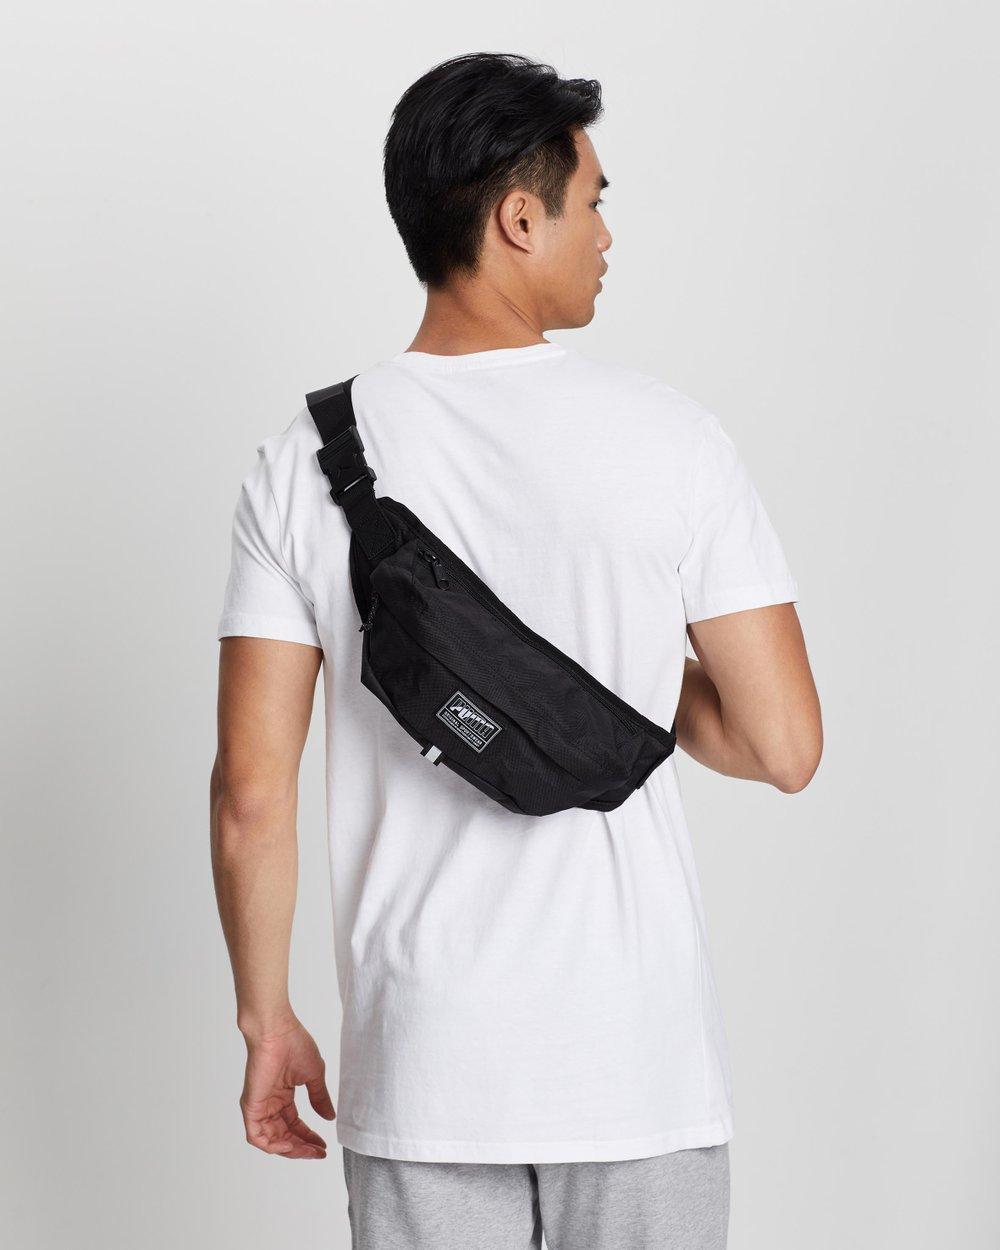 b920253b28ac Academy Waist Bag by Puma Online